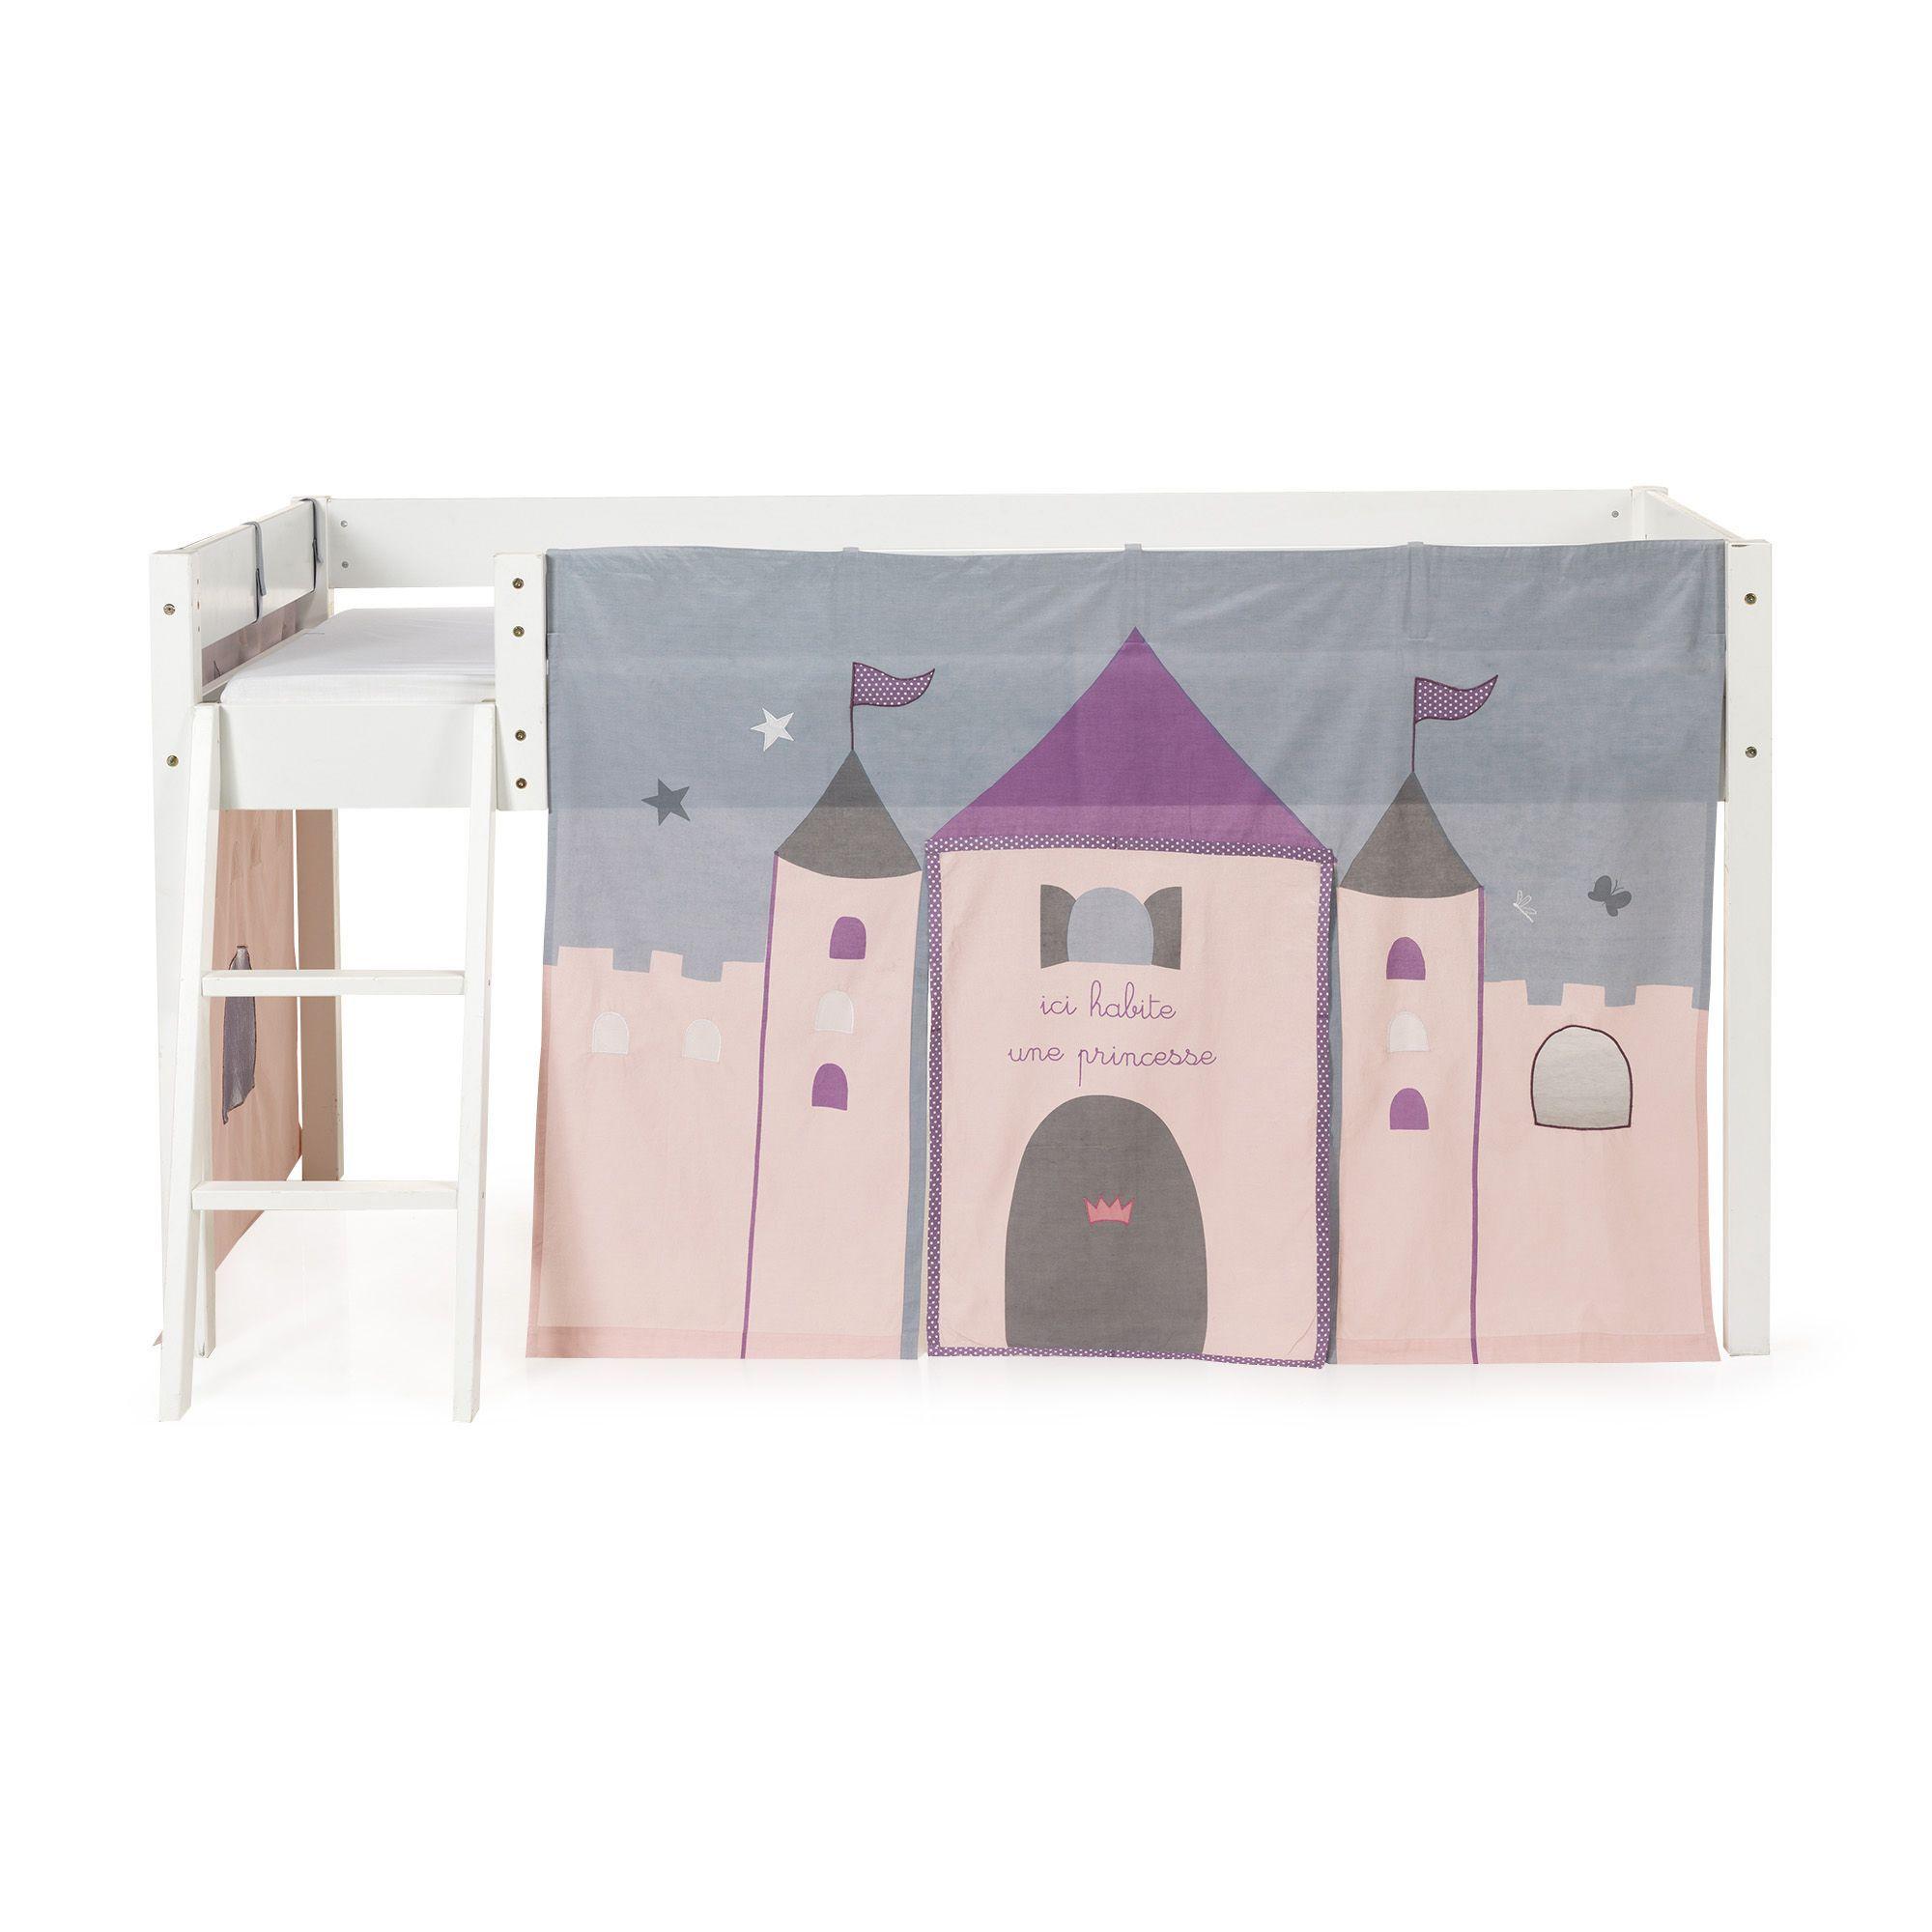 tente de lit mi haut pour enfant rose et gris princesse les lits - Lit Haut